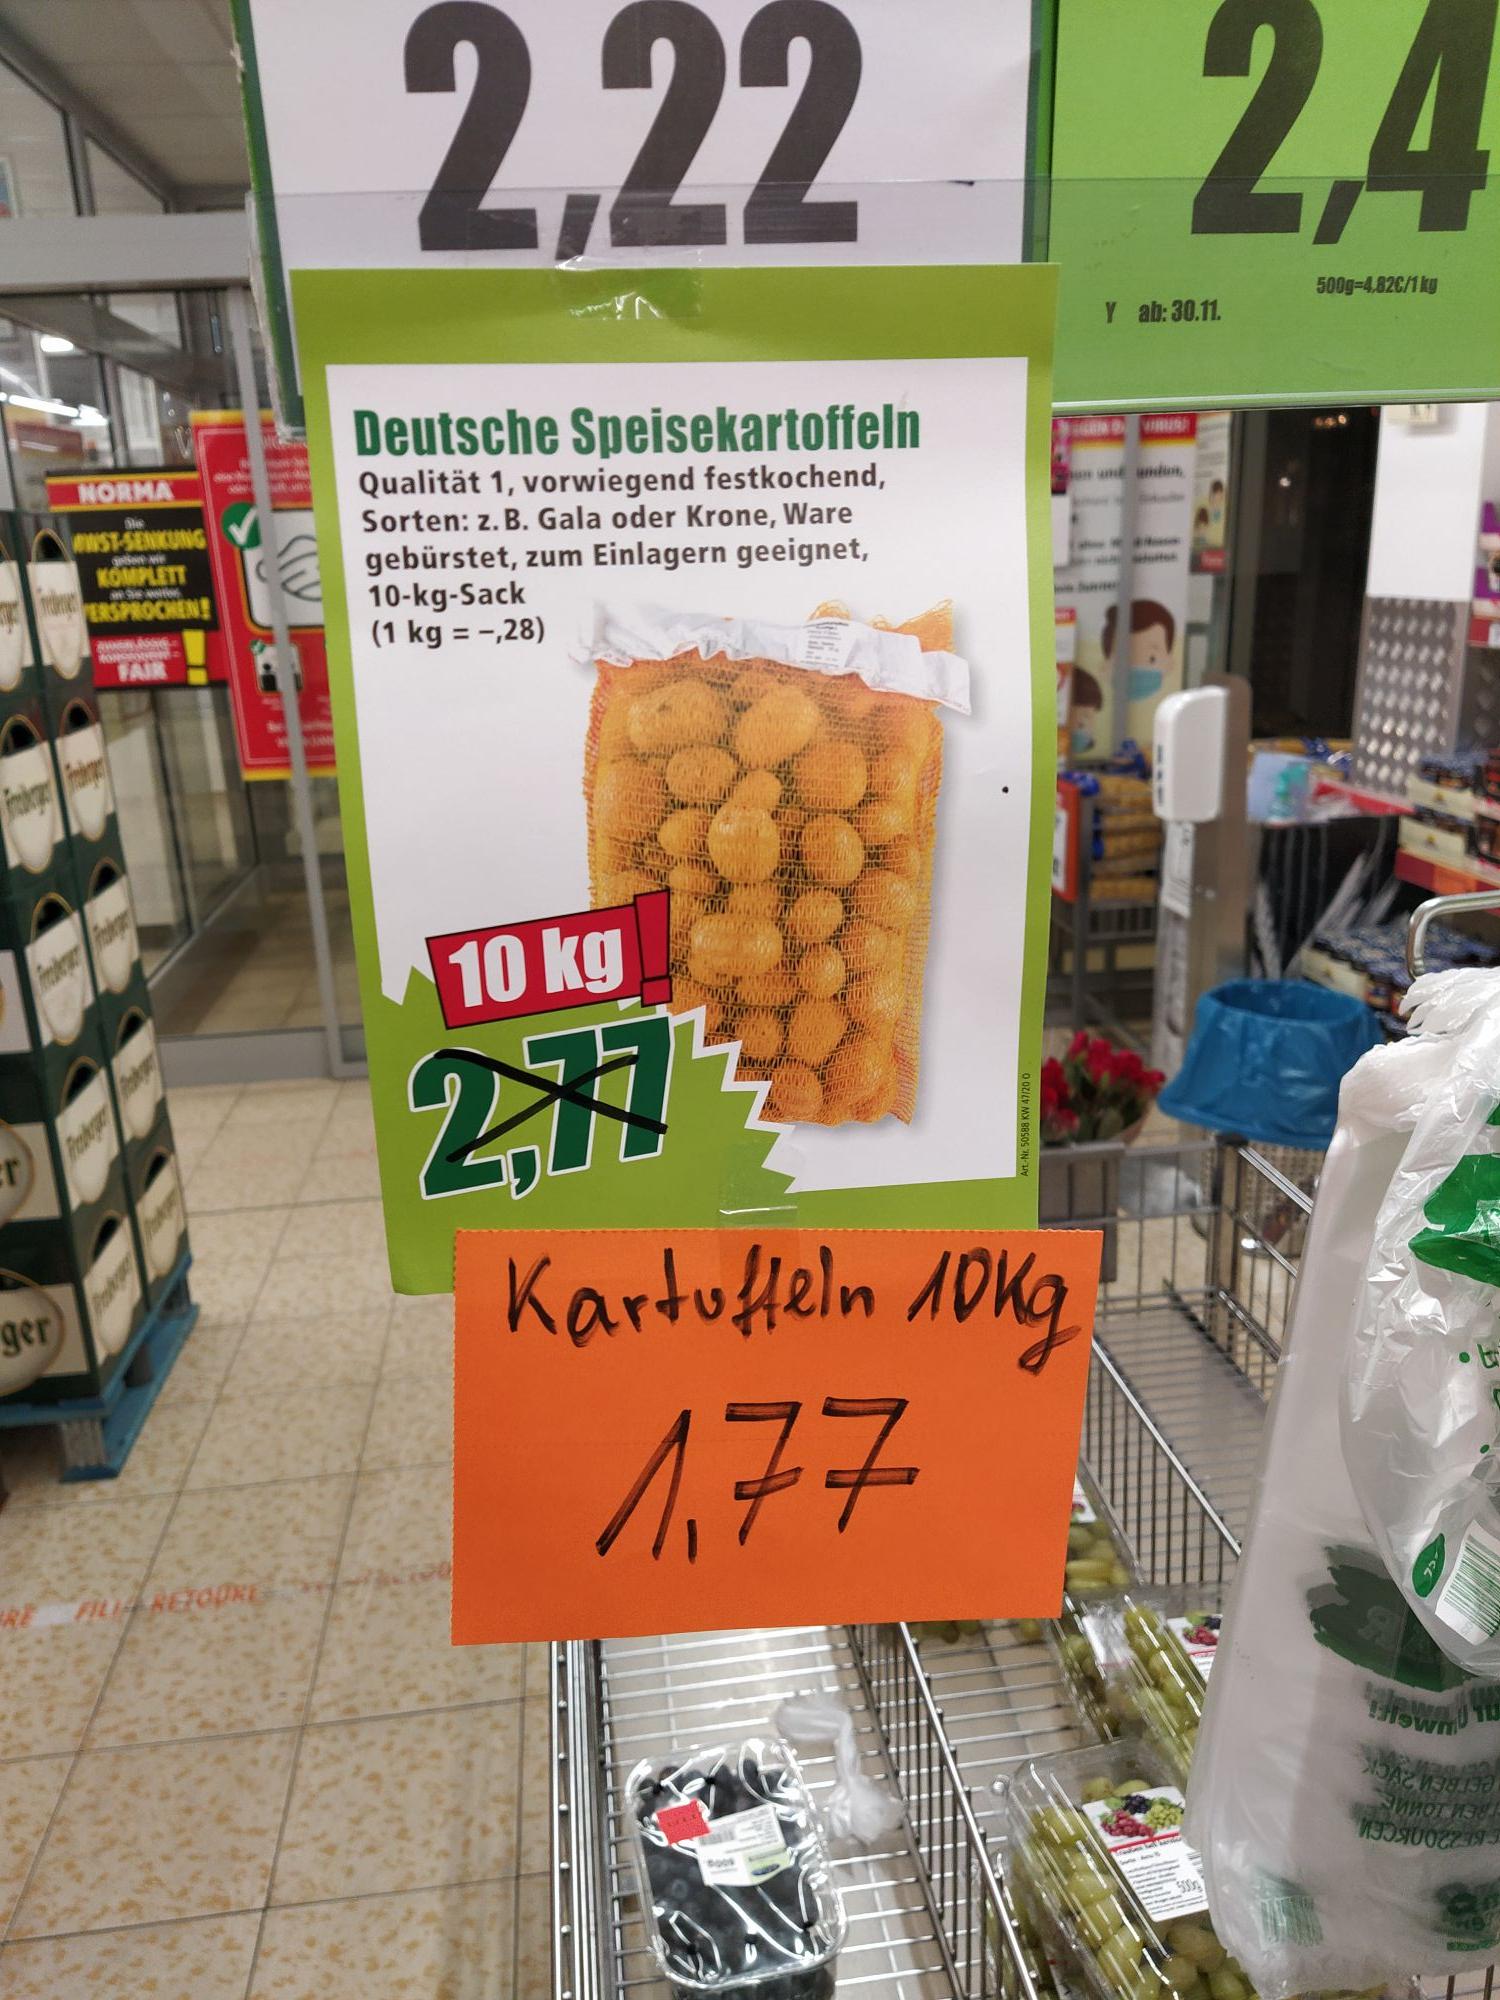 NORMA Filiale Dresden - 10Kg Kartoffeln